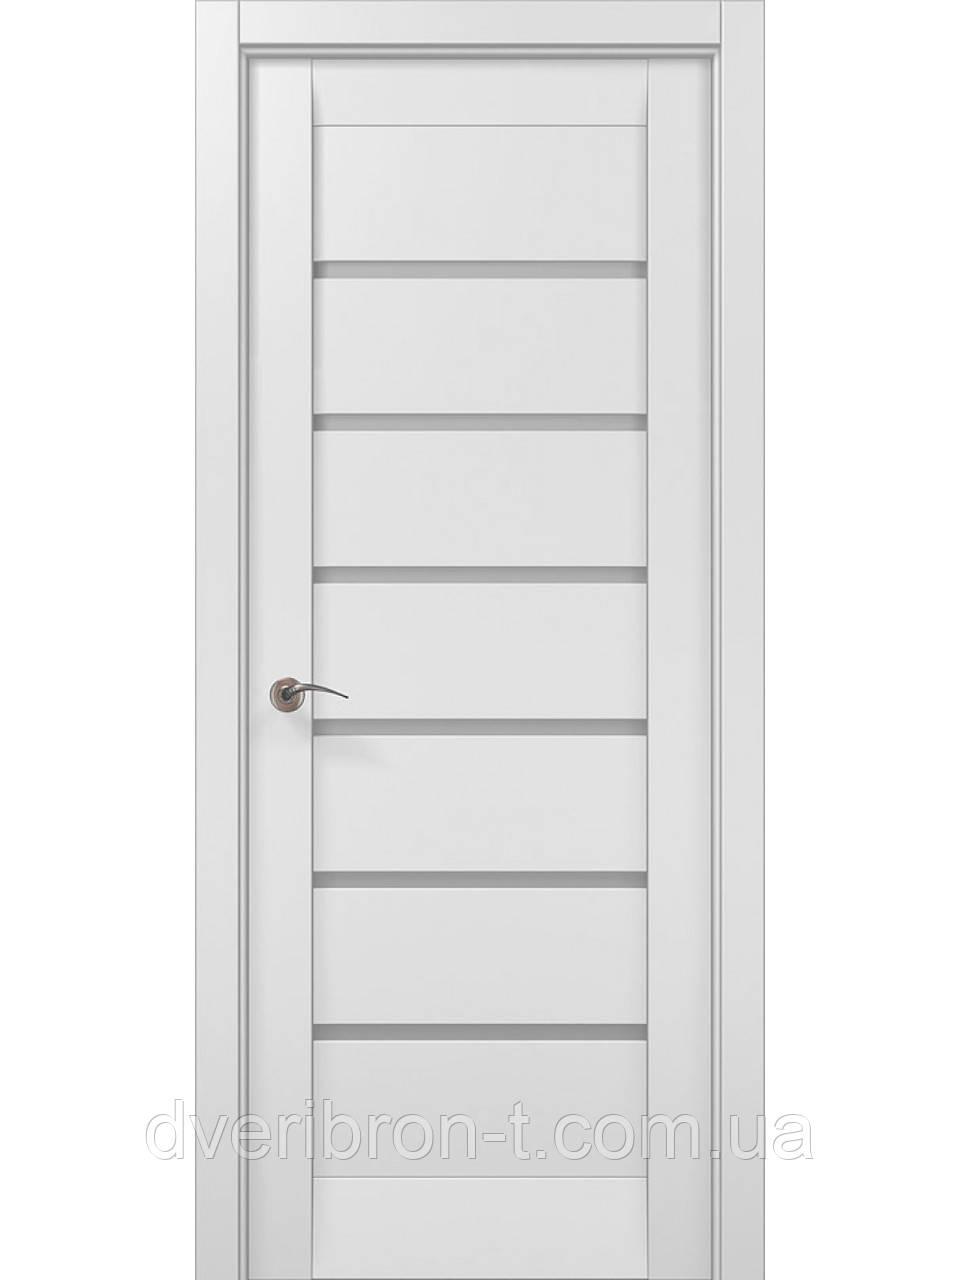 Двери Millenium ML-14c белый матовый